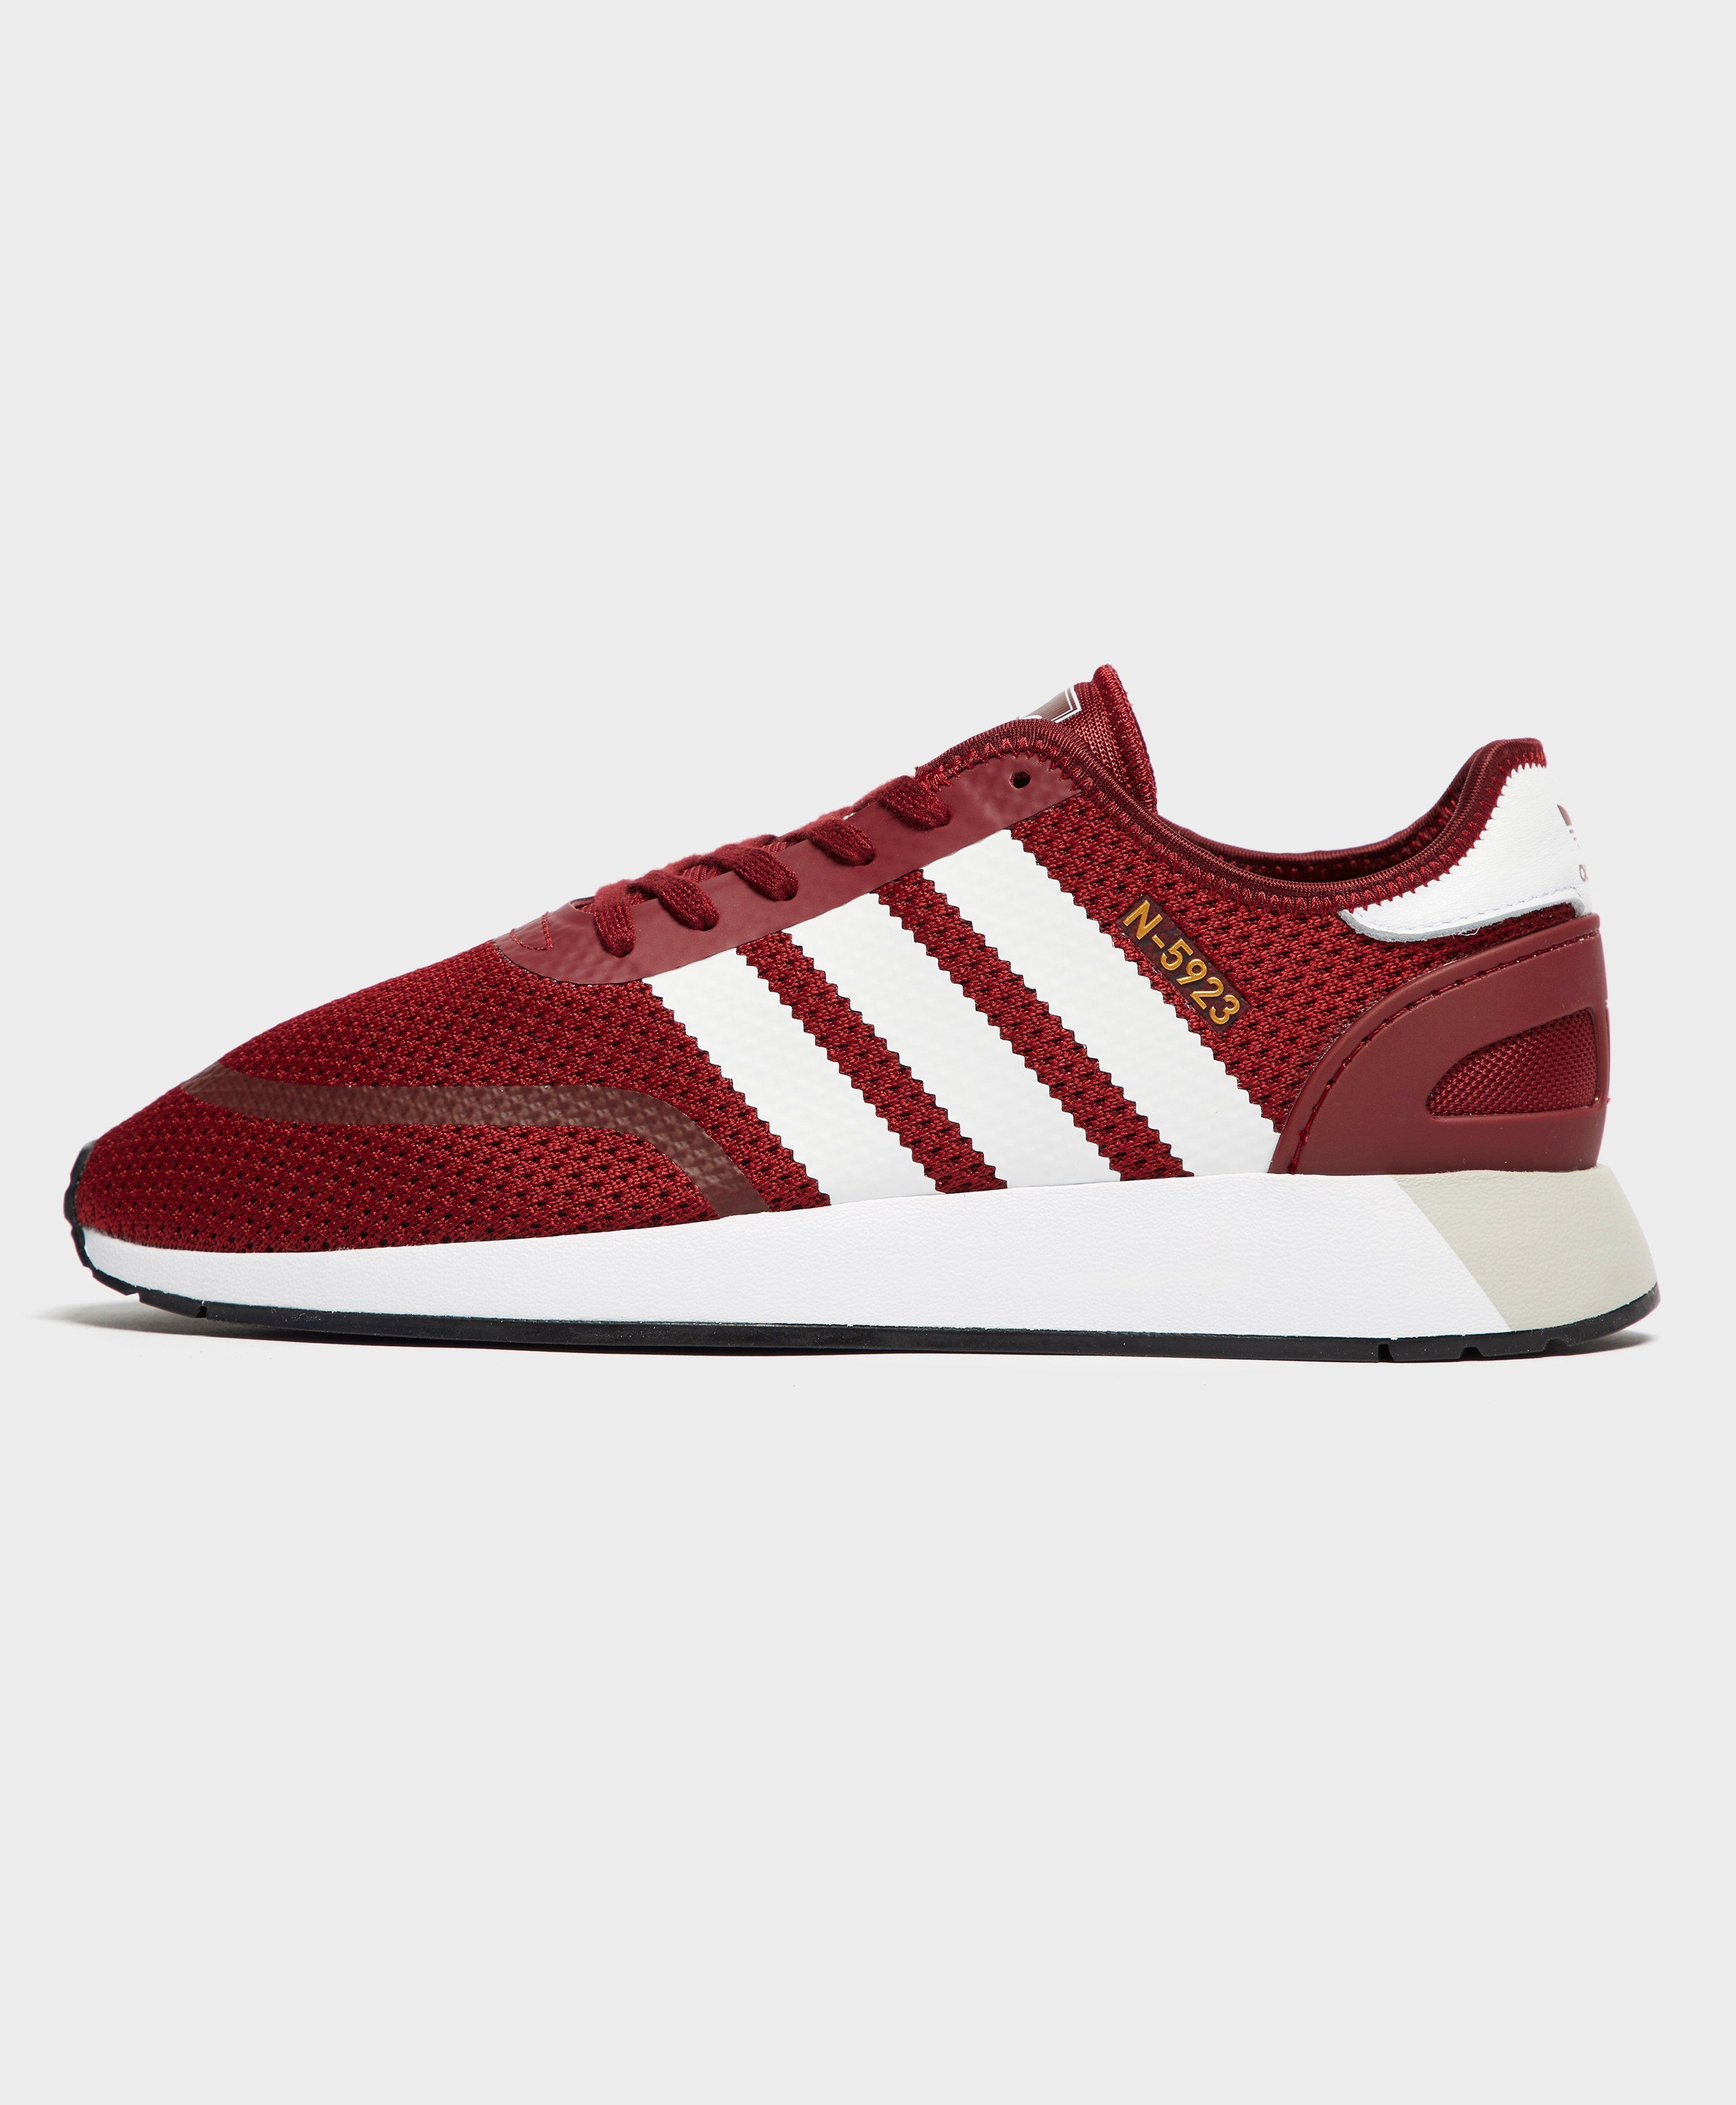 promo code 5b835 4da80 adidas Originals. Mens Red ...